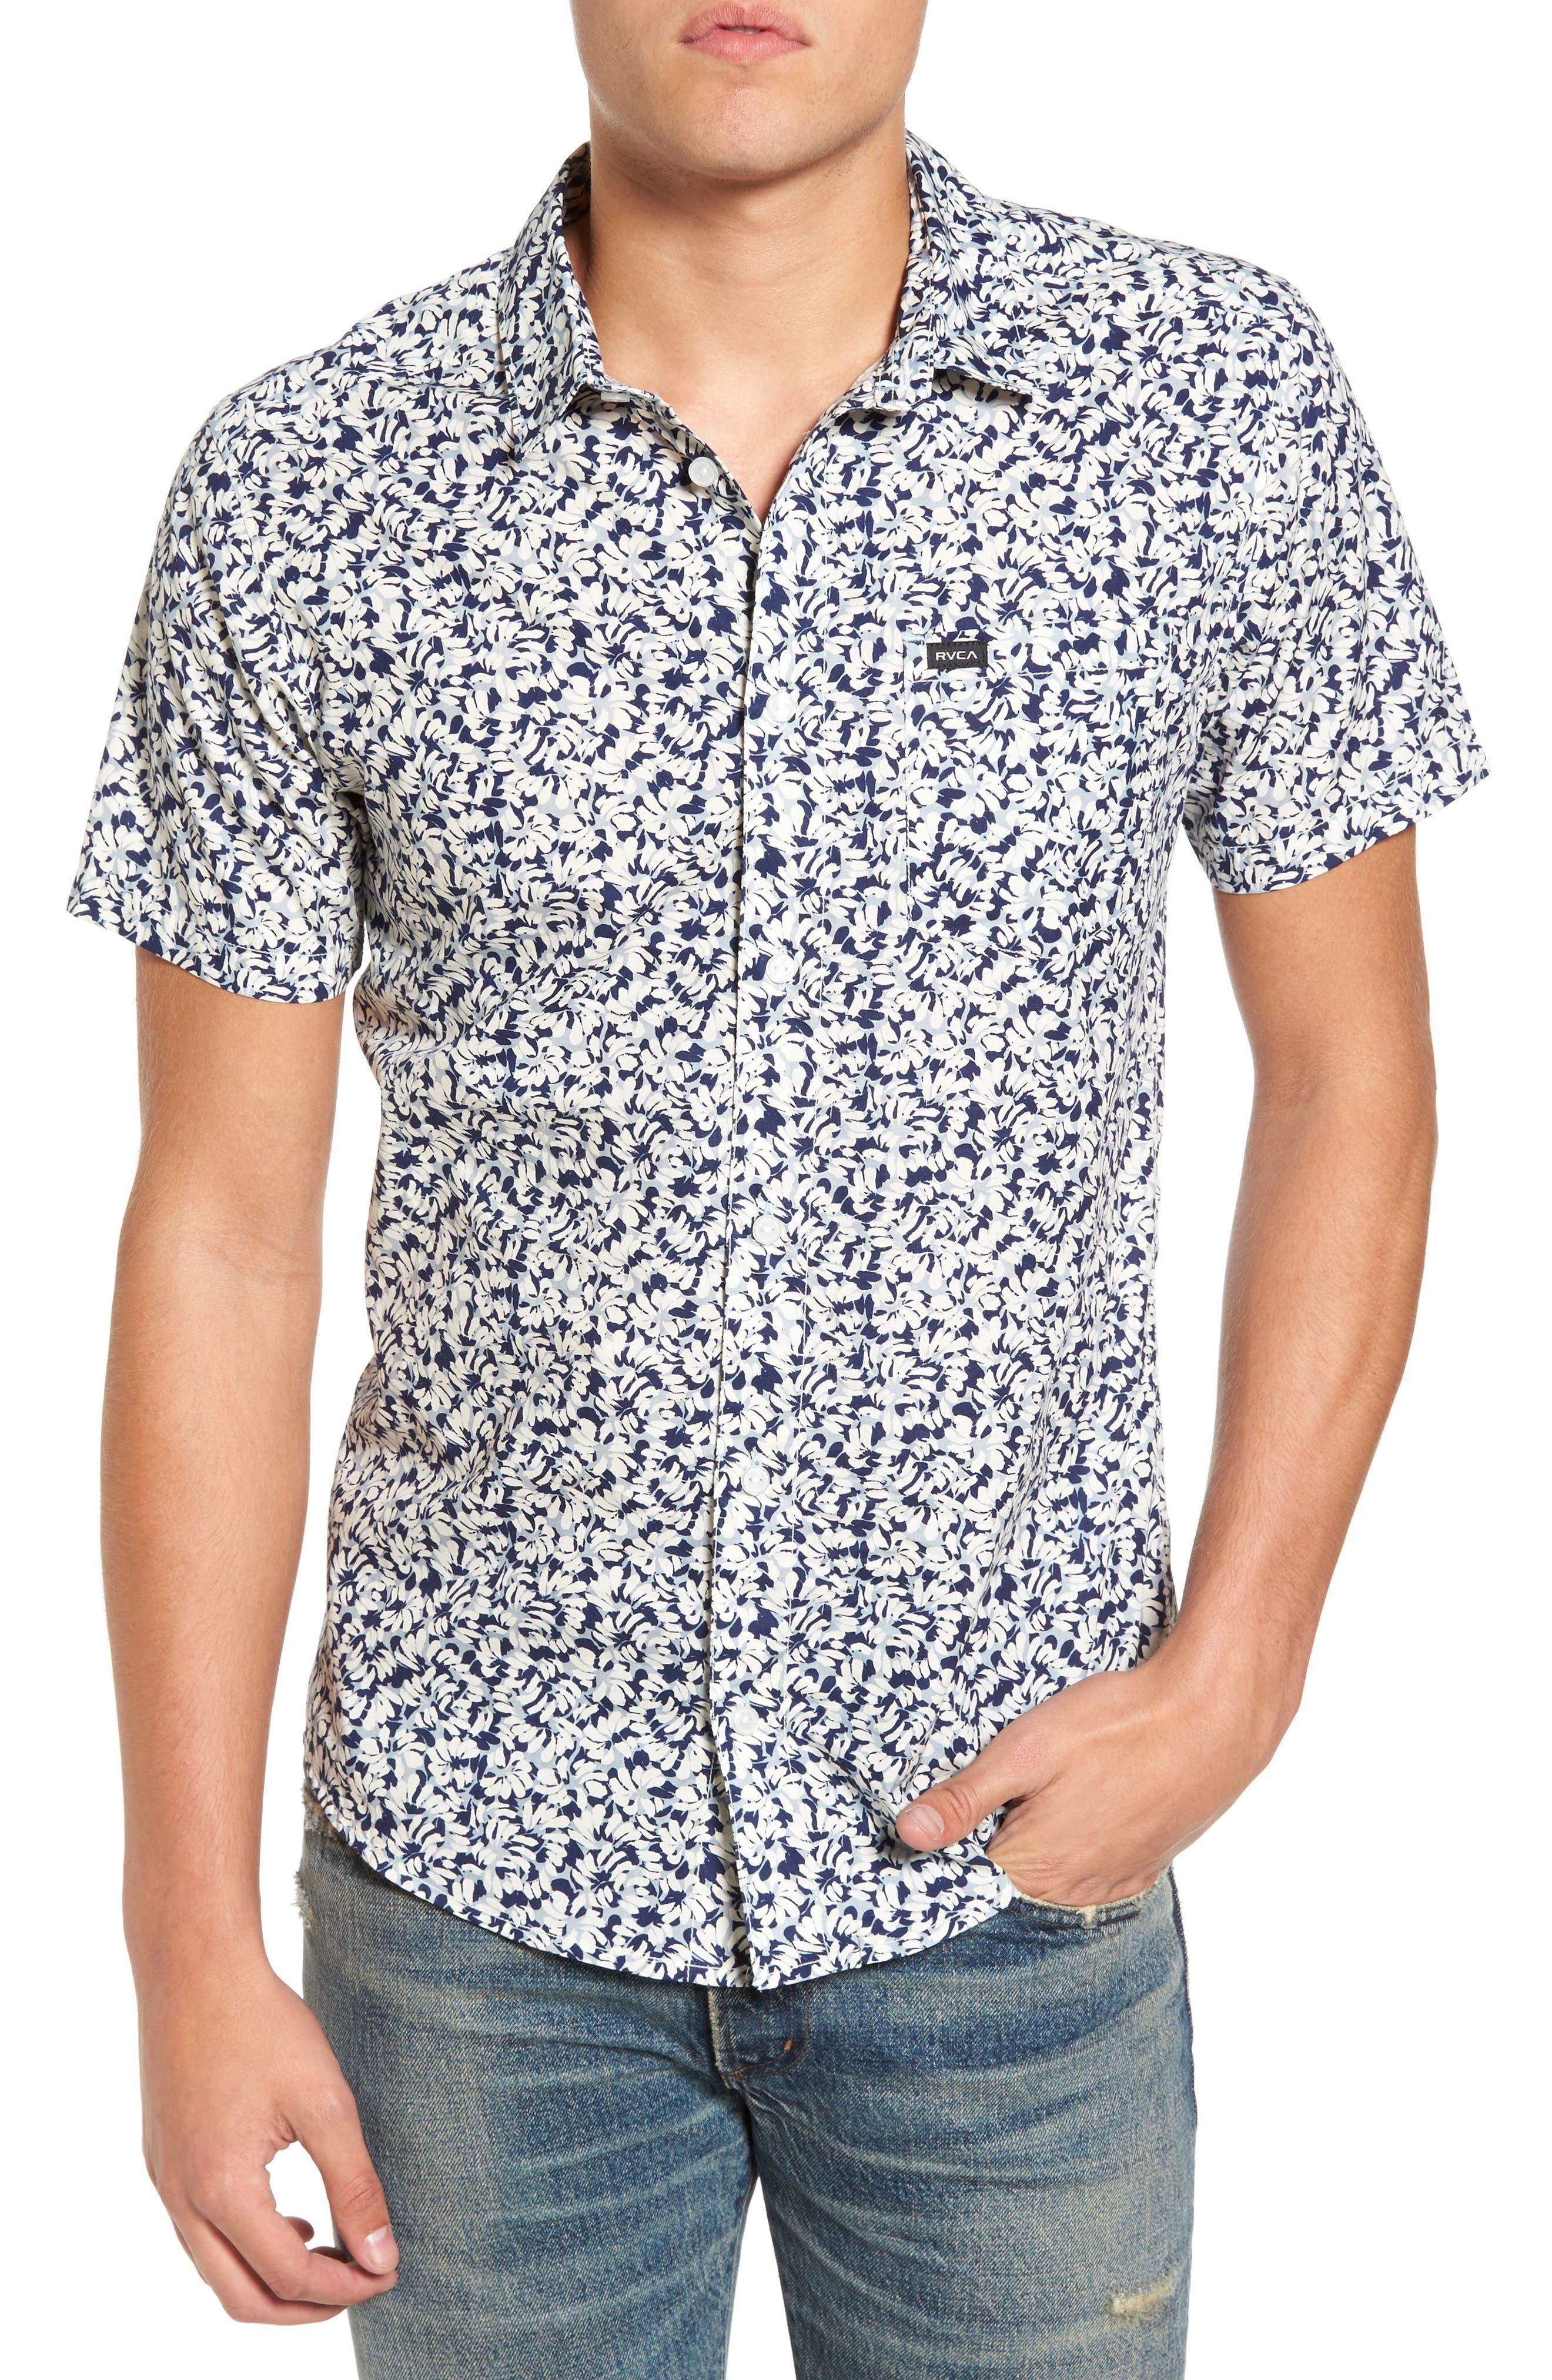 Brong Short Sleeve Shirt,                             Main thumbnail 1, color,                             020